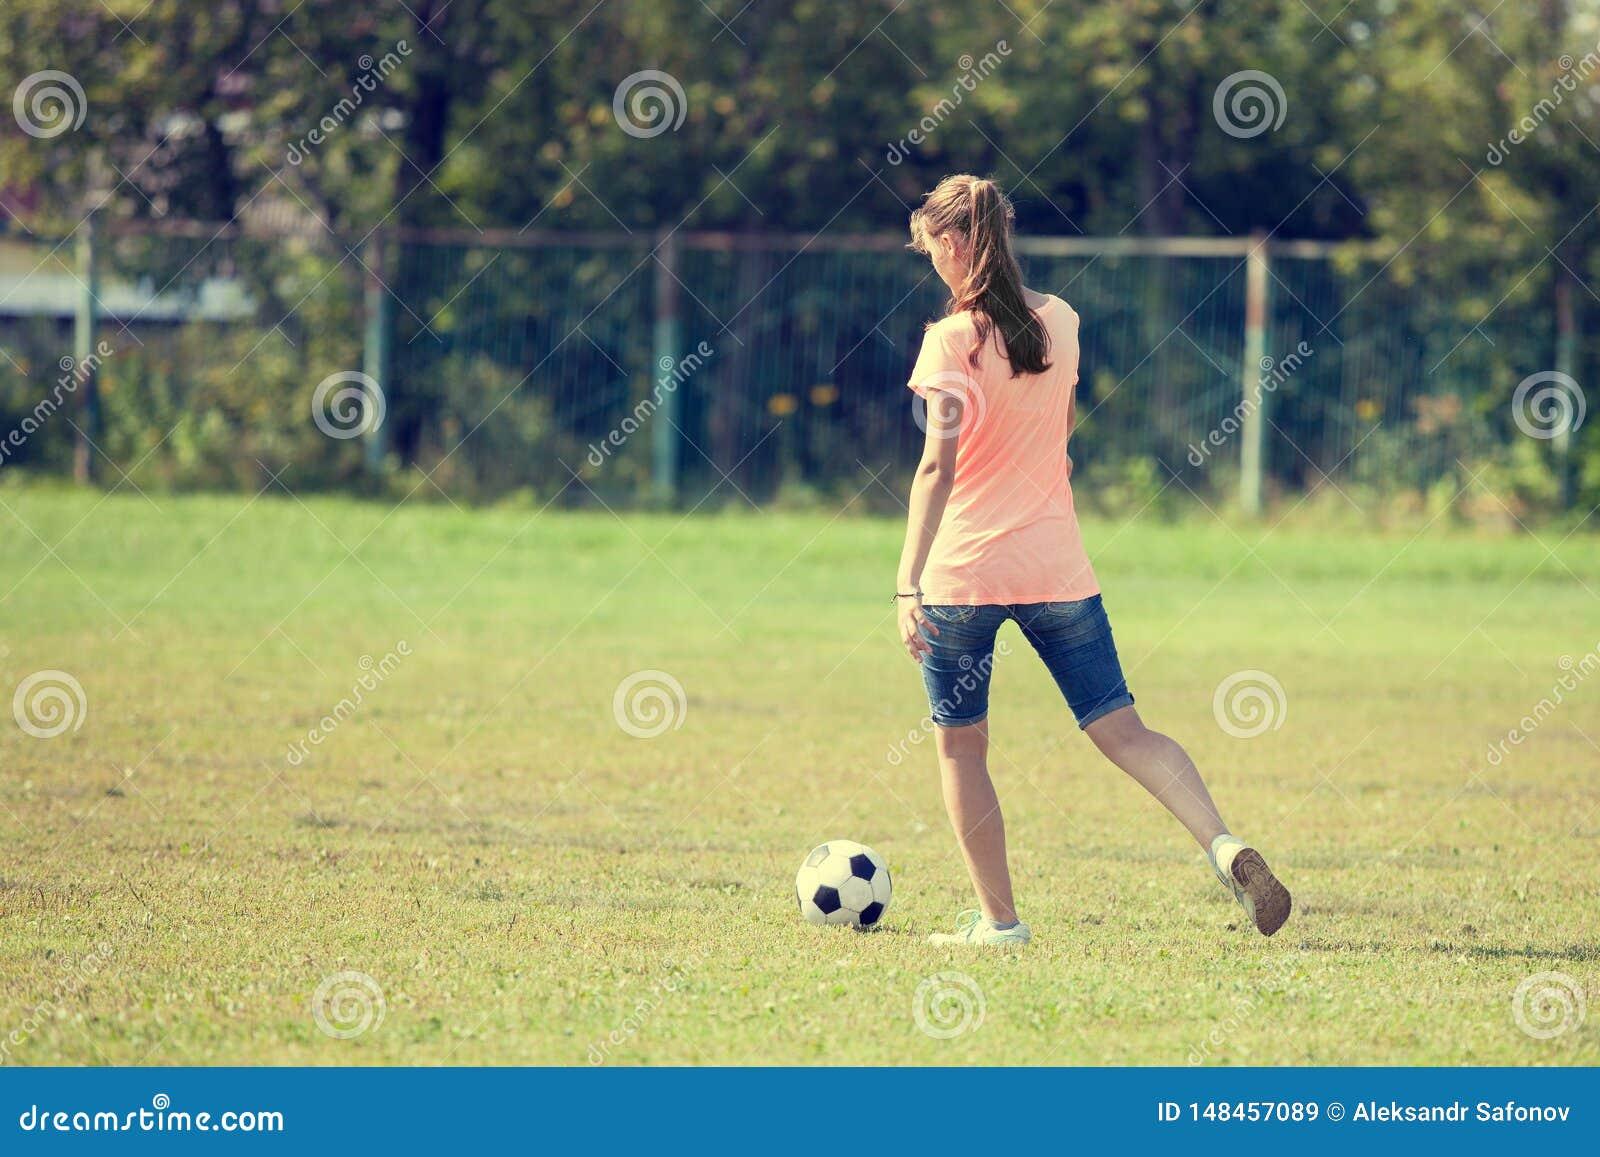 Το κορίτσι αθλητών κλωτσά το παιγμένο σφαίρα ποδόσφαιρο